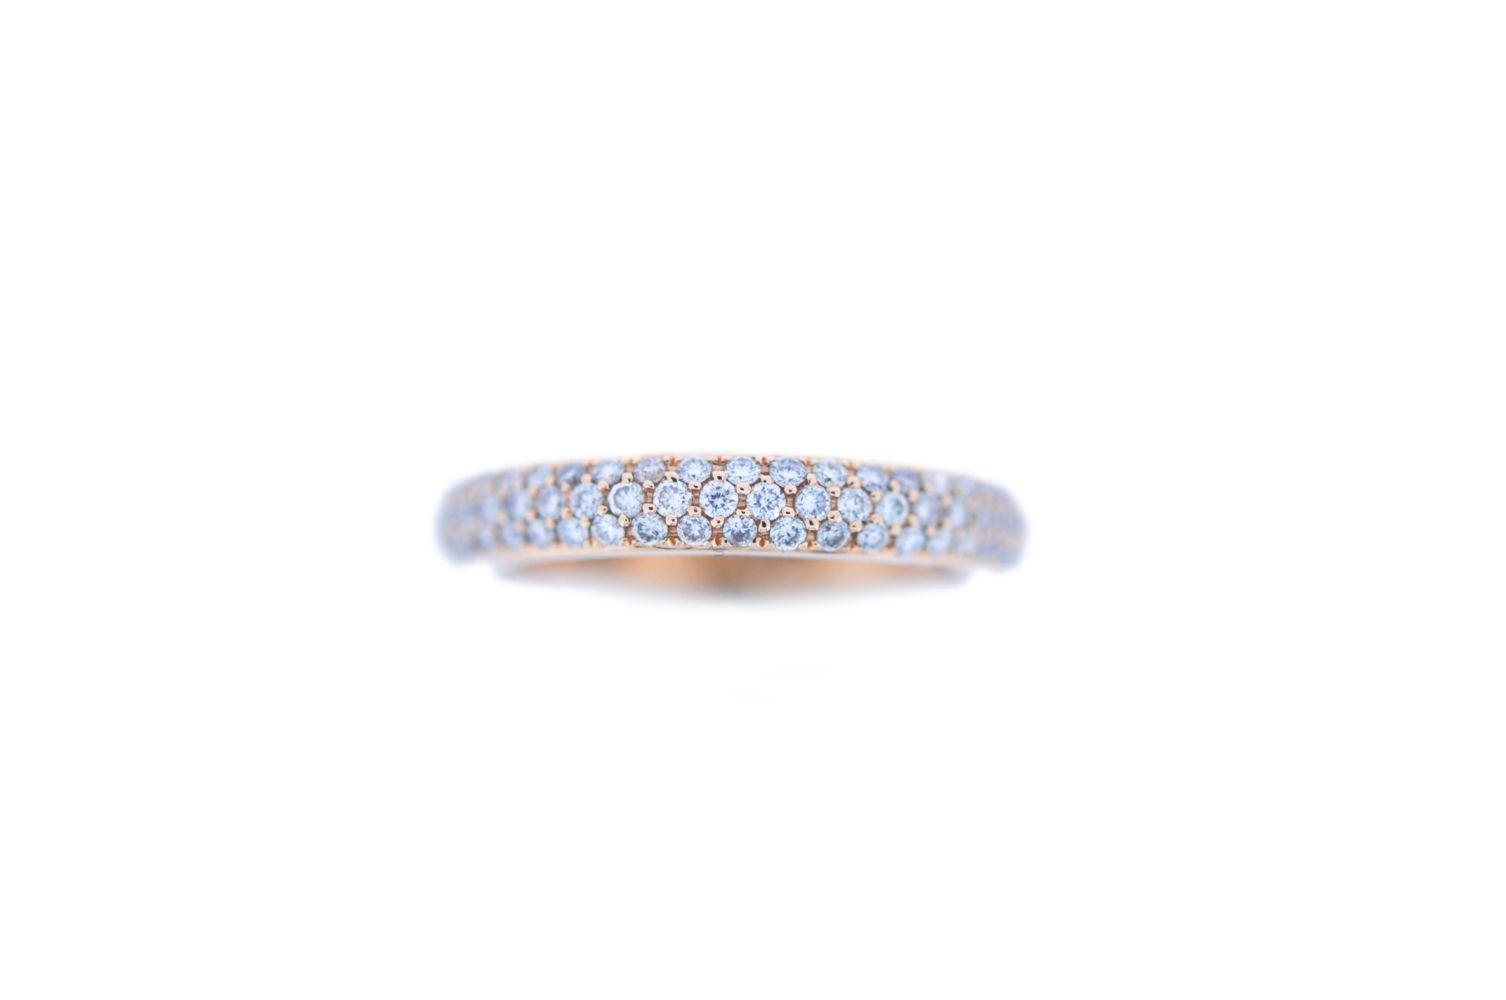 #49 Diamond Ring | Diamantring Image